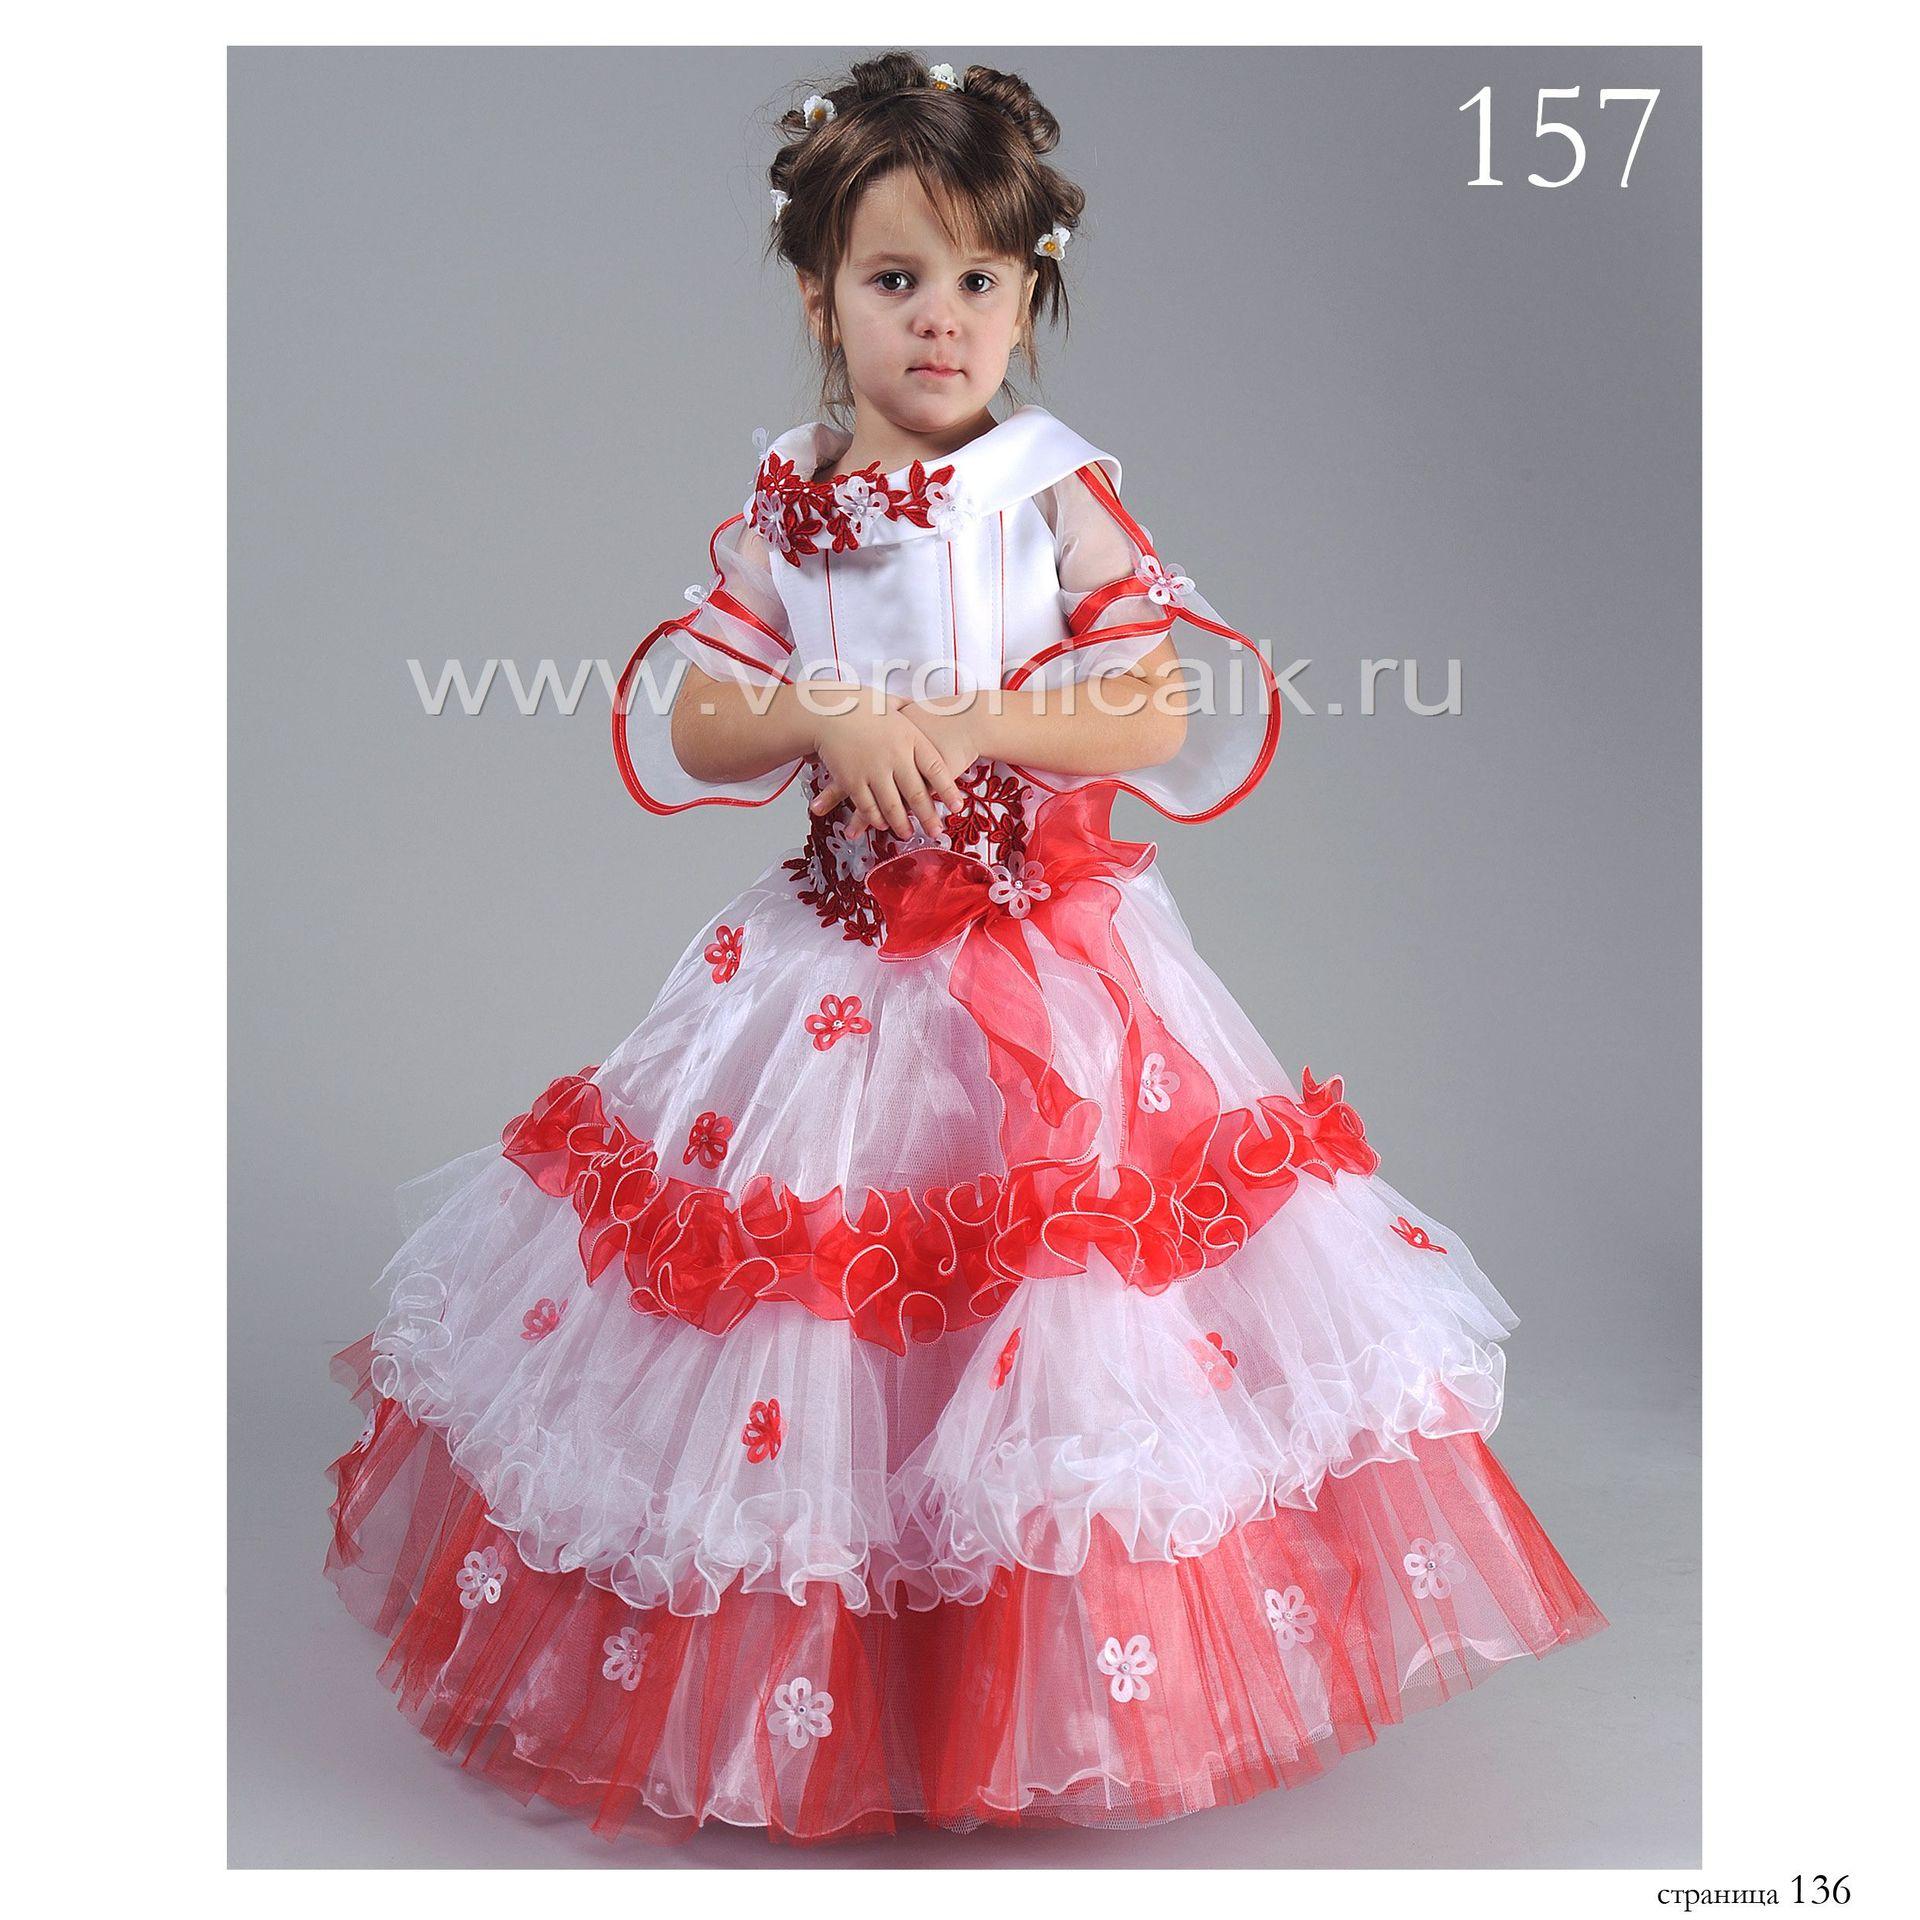 фото детские платья для девочек нарядные